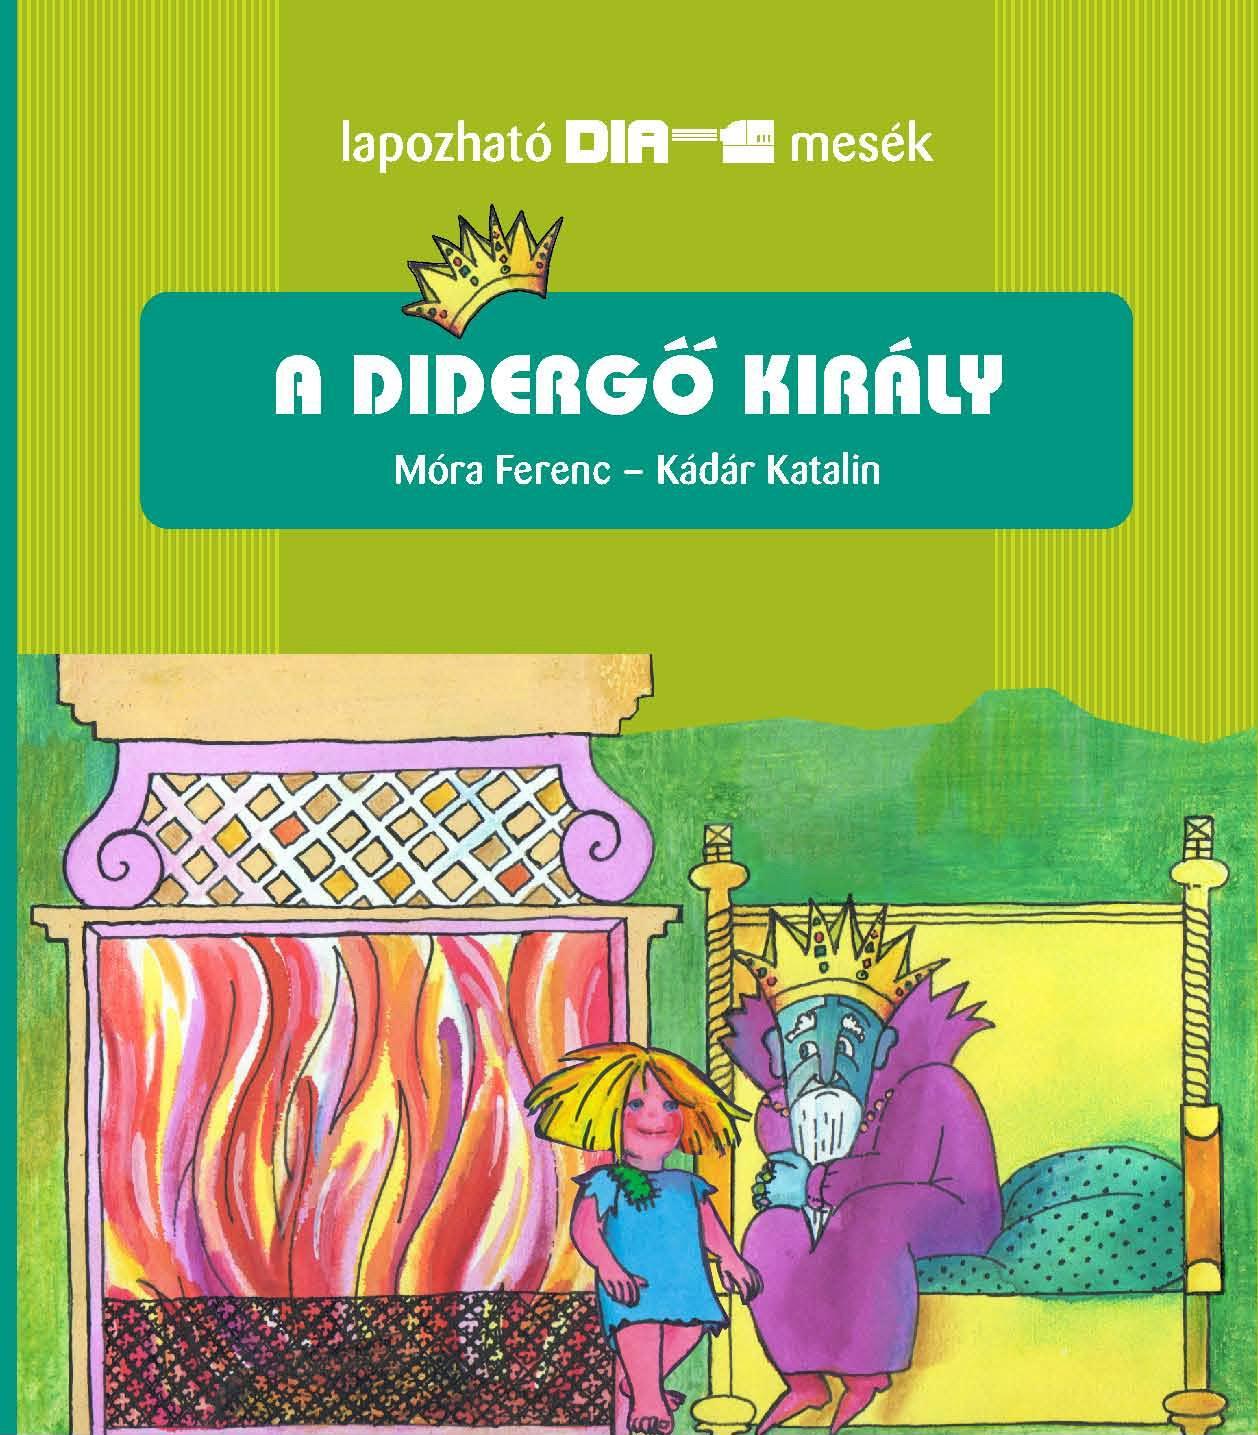 A DIDERGÕ KIRÁLY - LAPOZHATÓ DIAMESÉK